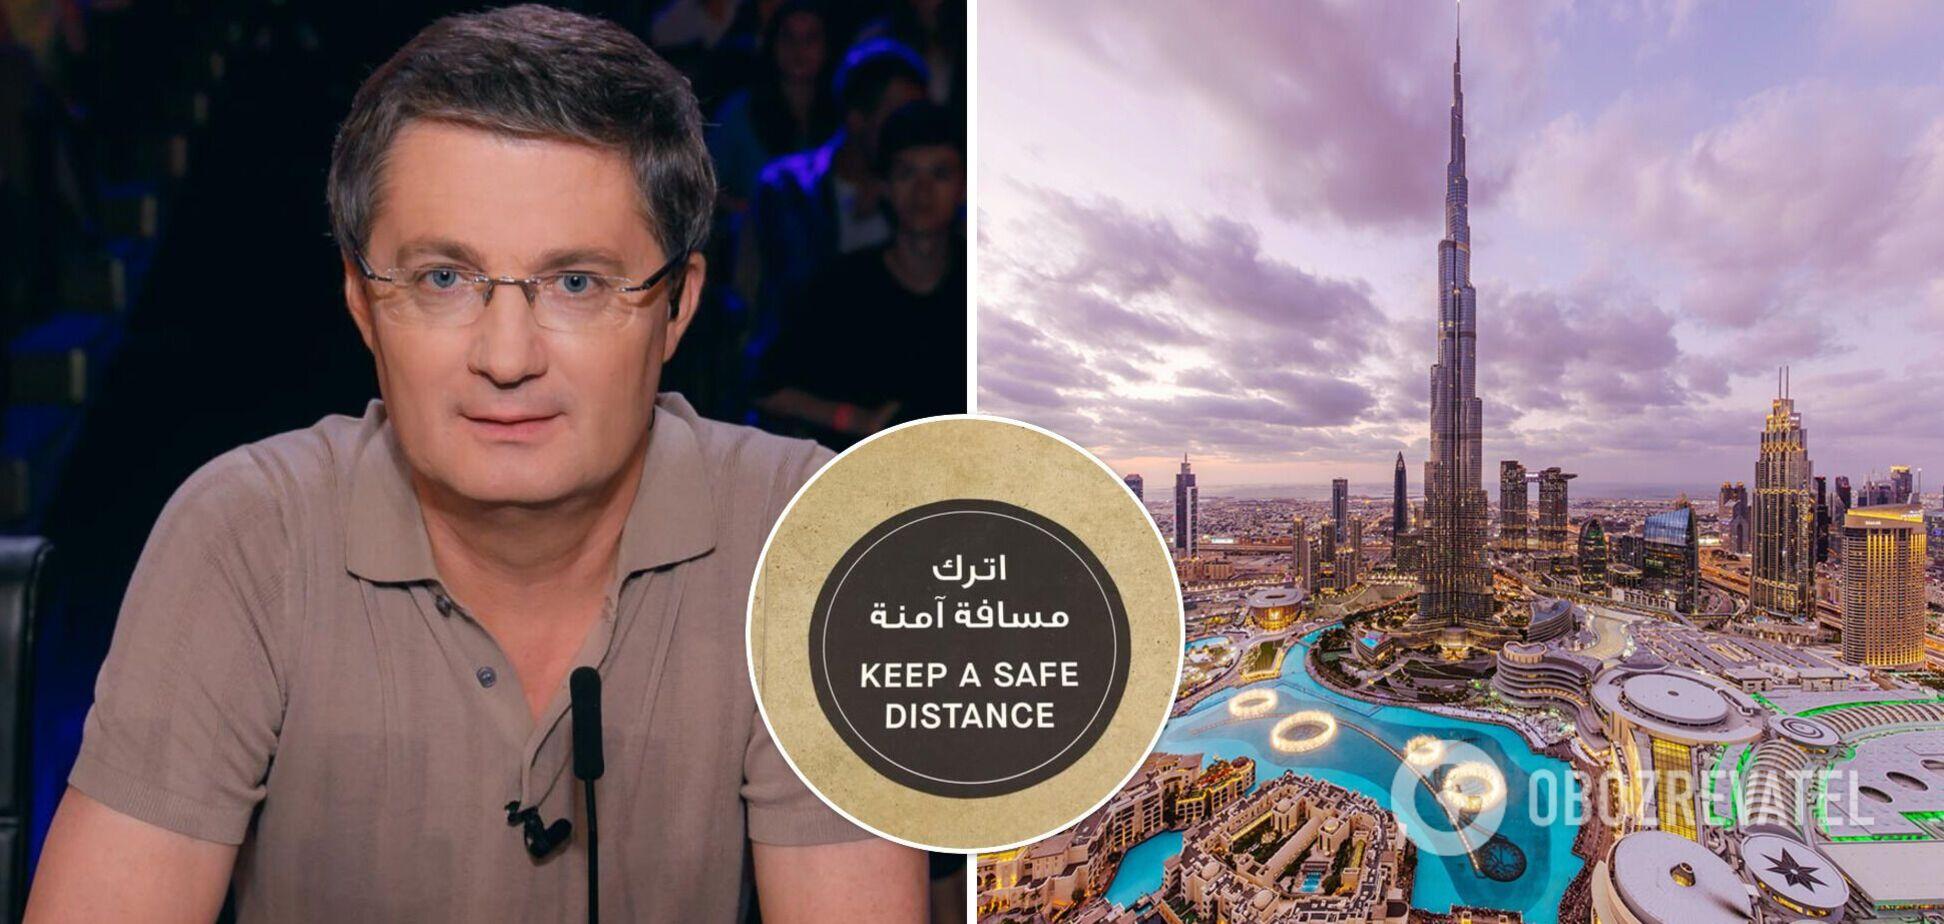 Кондратюк – про ситуацію з COVID-19 у Дубаї: скло в ресторанах і носіння масок всюди